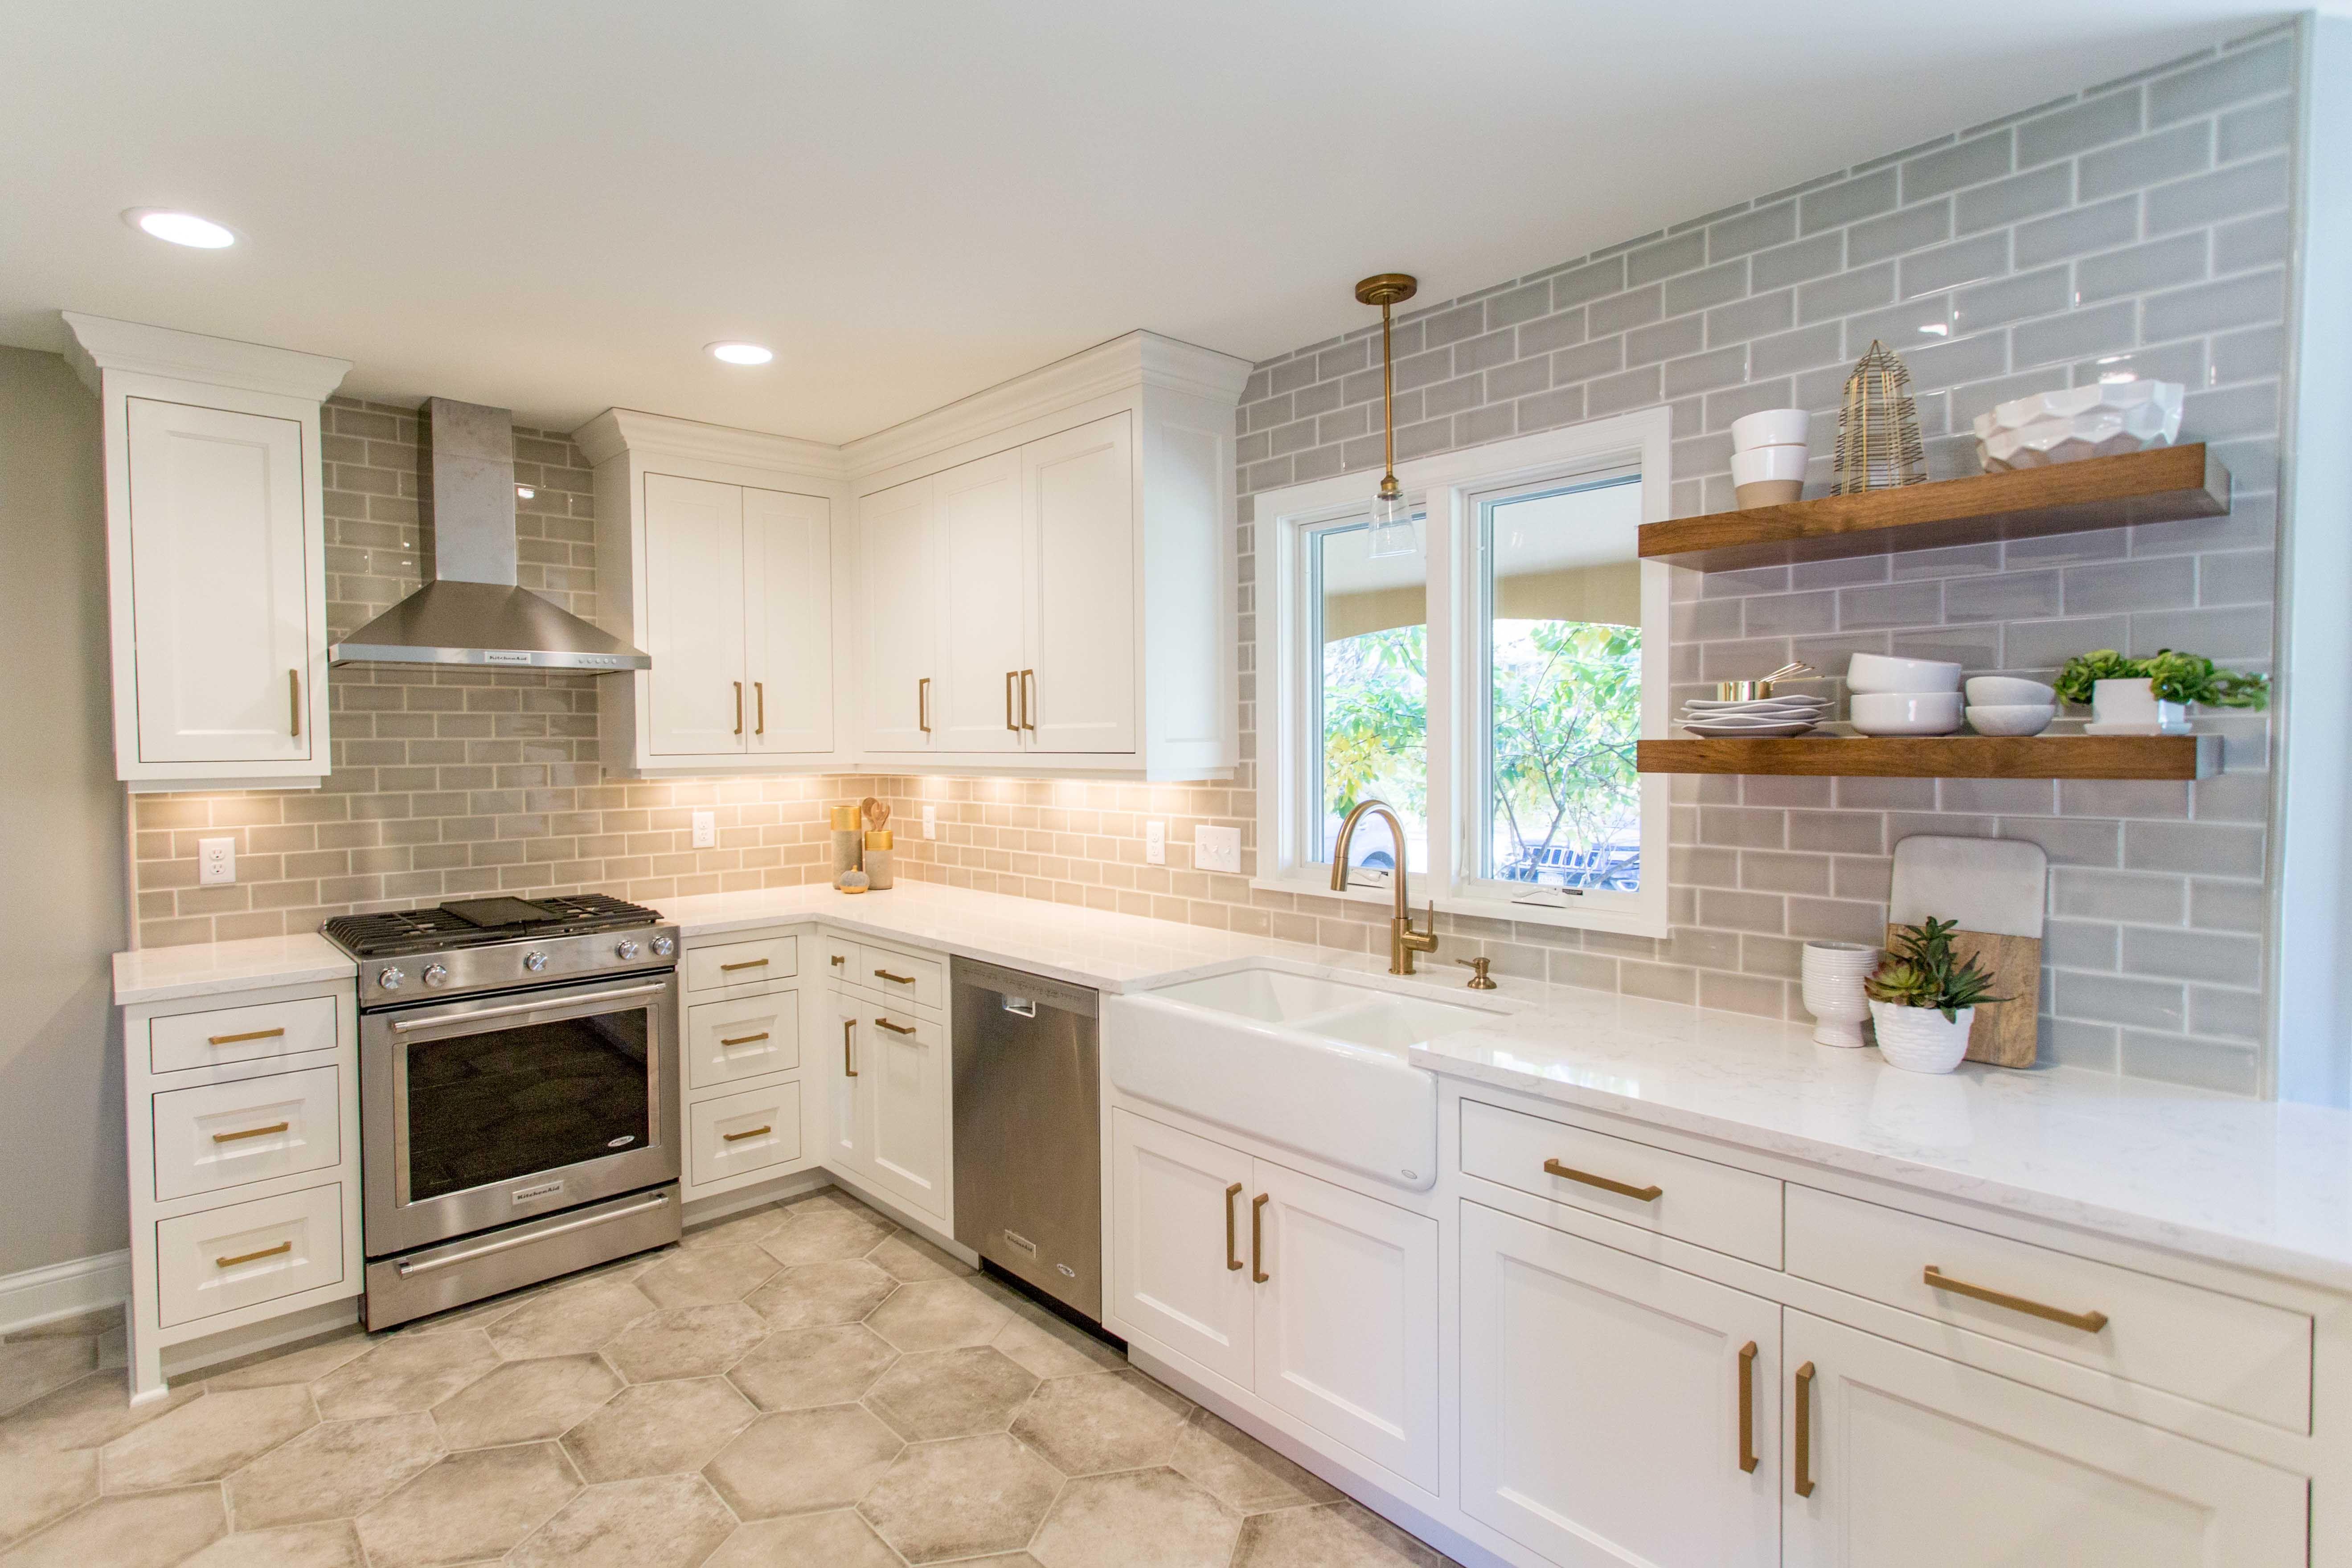 Best Custom Jkath Design Build Cabinetry Benjamin White Dove 400 x 300